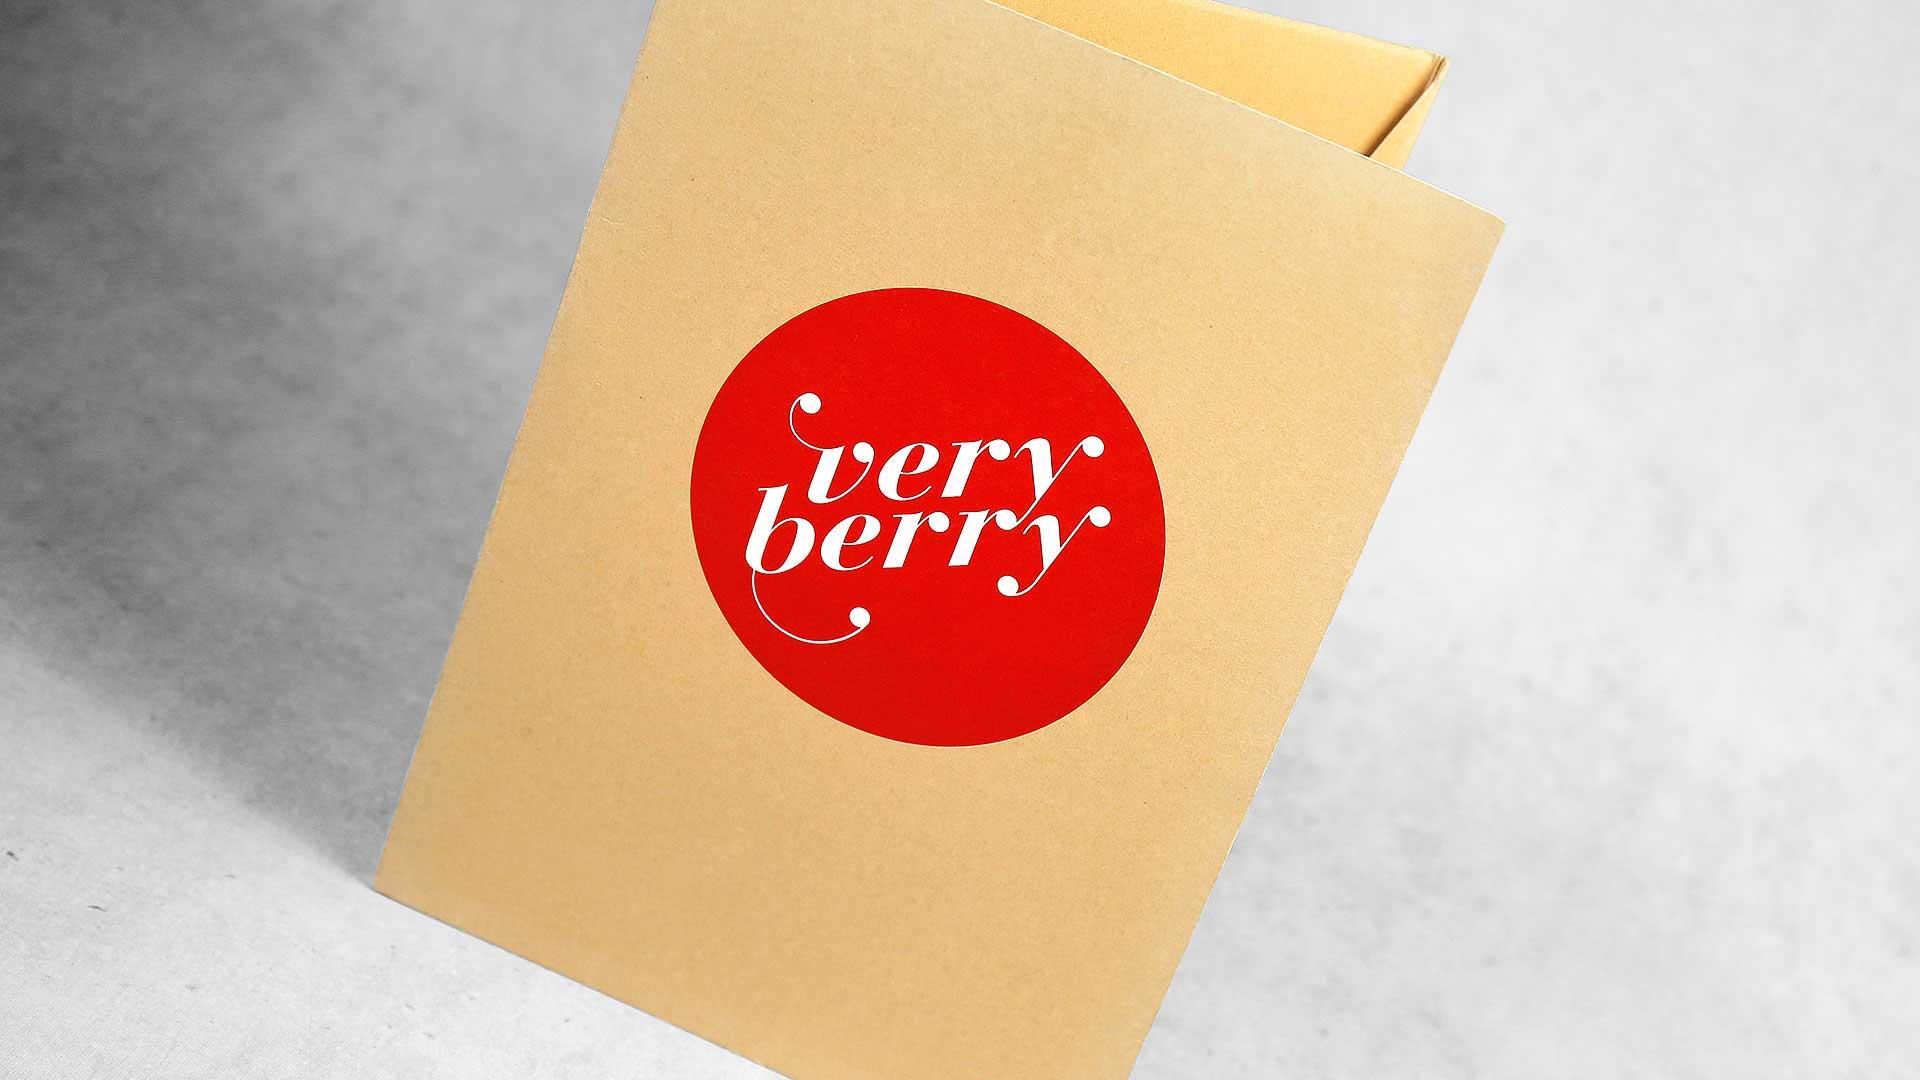 Kartona mapes apdruka Verry Berry